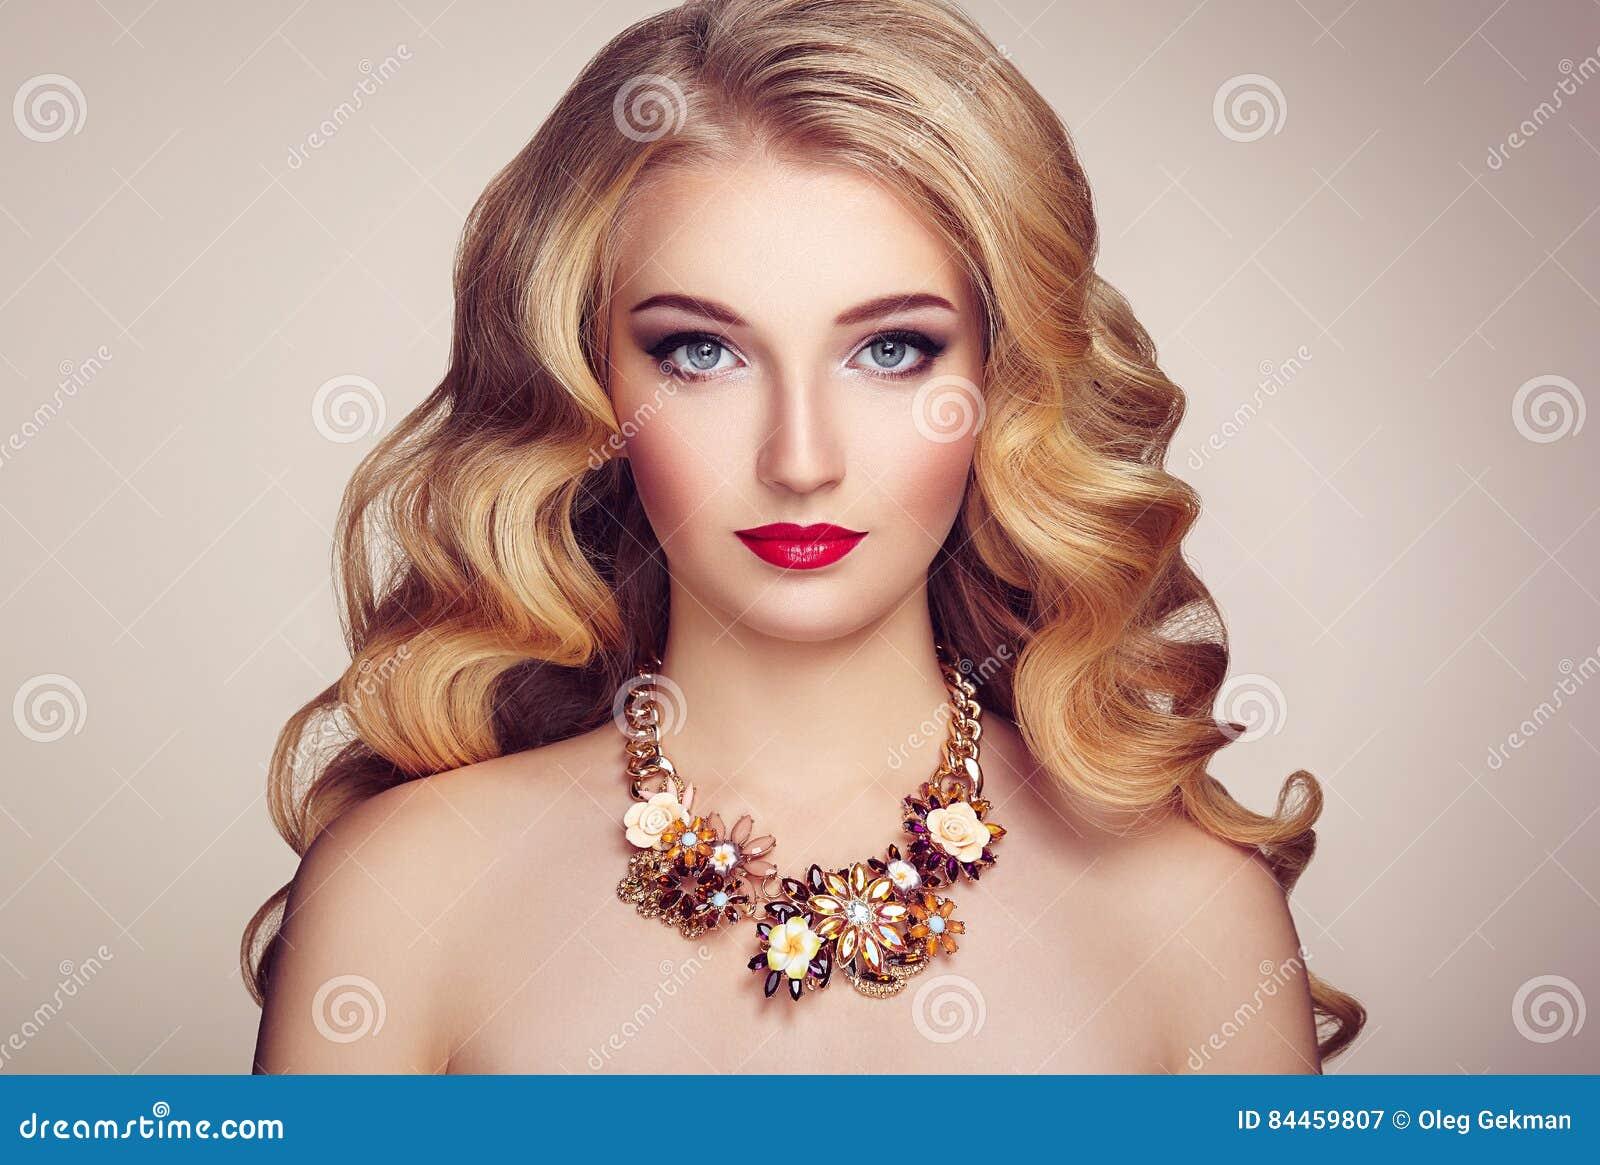 Façonnez le portrait de la jeune belle femme avec la coiffure élégante